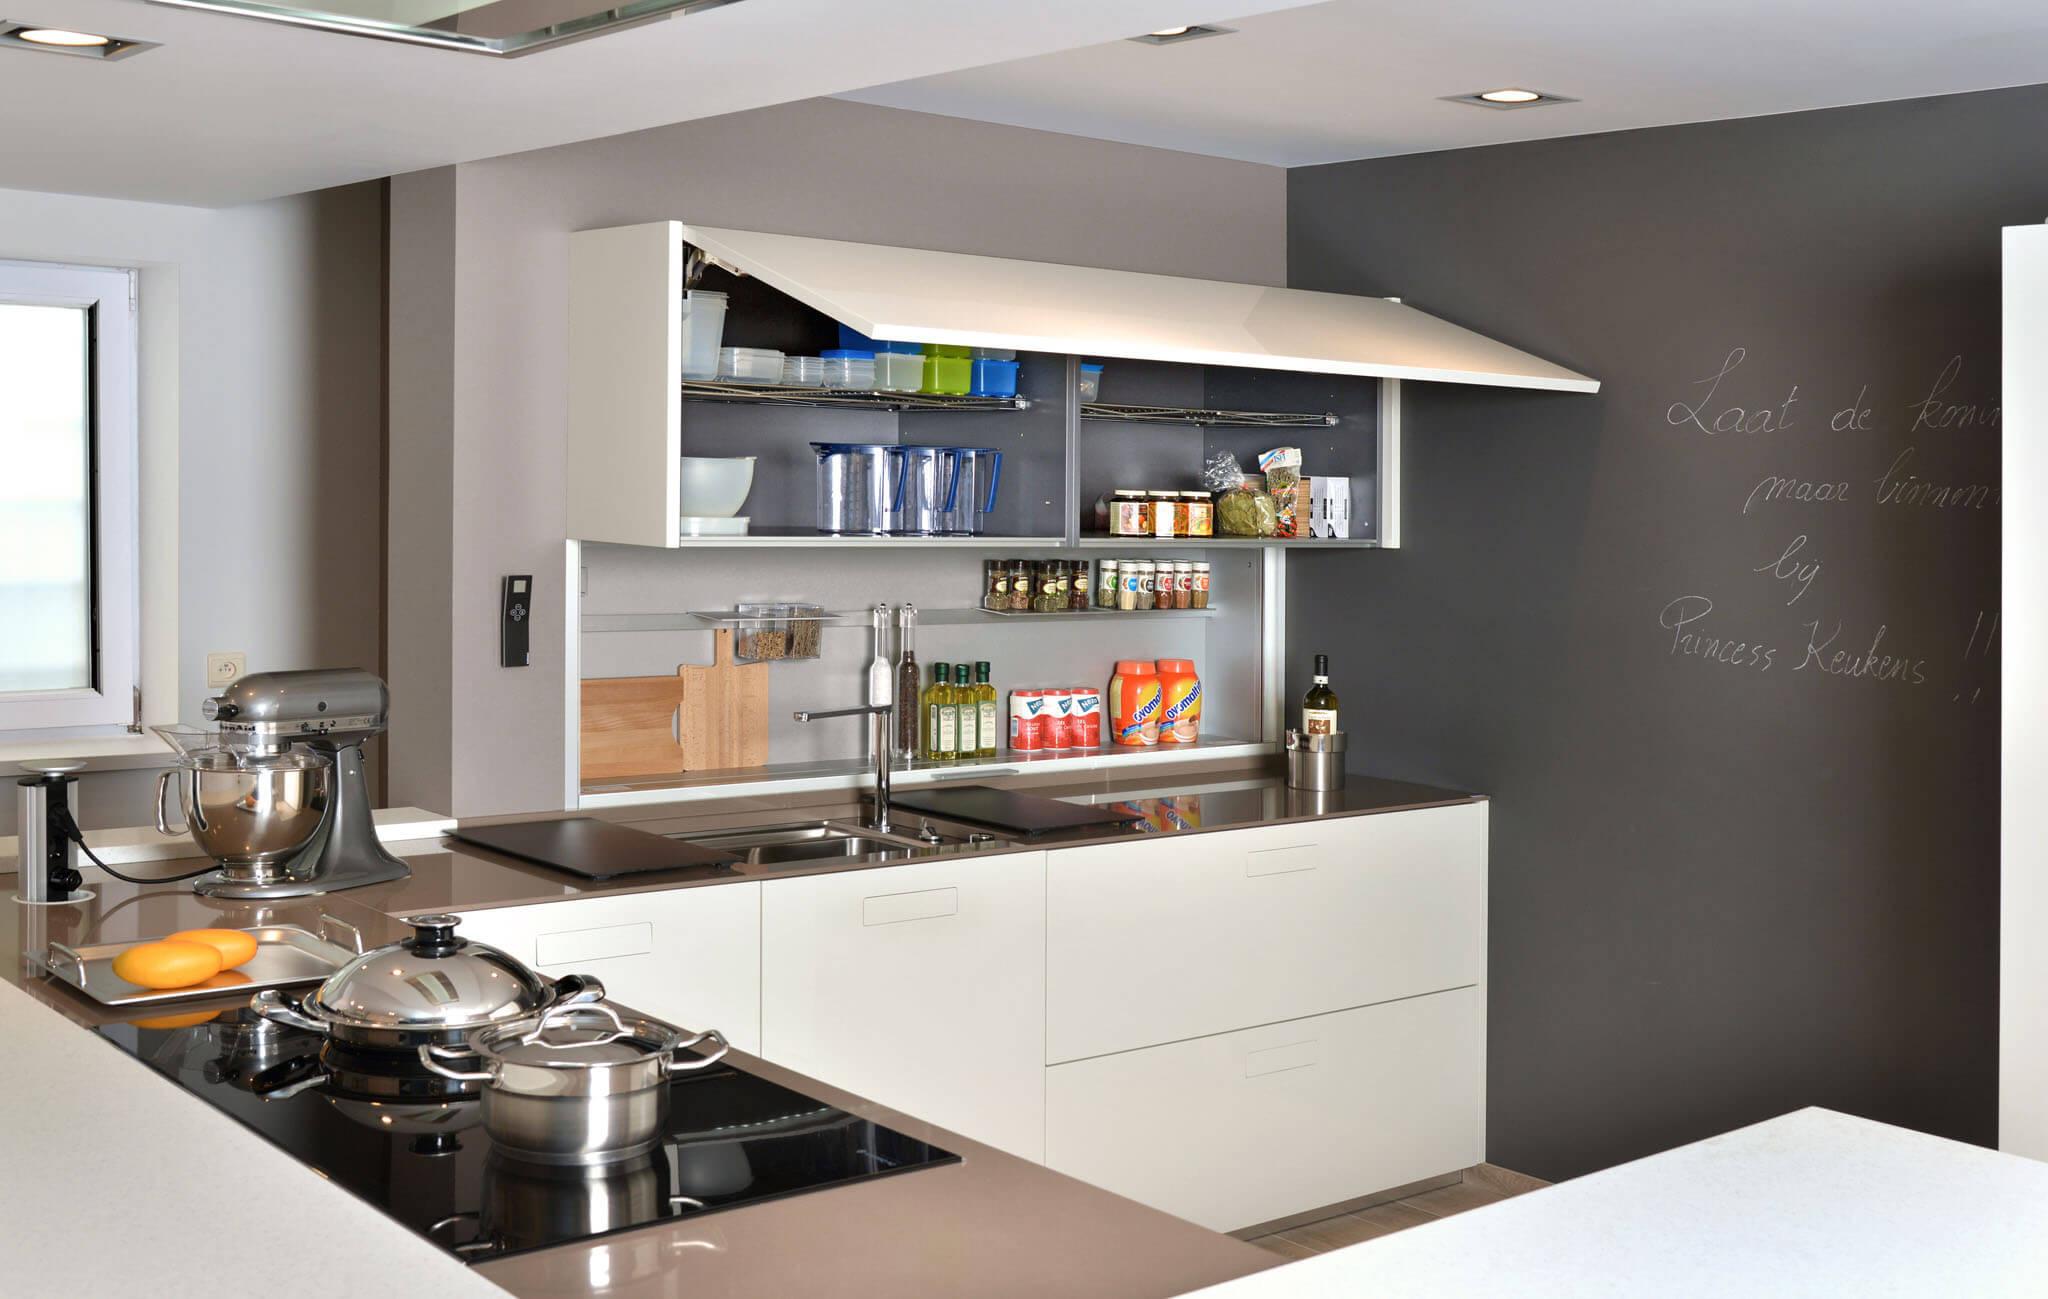 Keuken Wandkast 7 : Inbouwtoestellen keukens princess keukens limburg